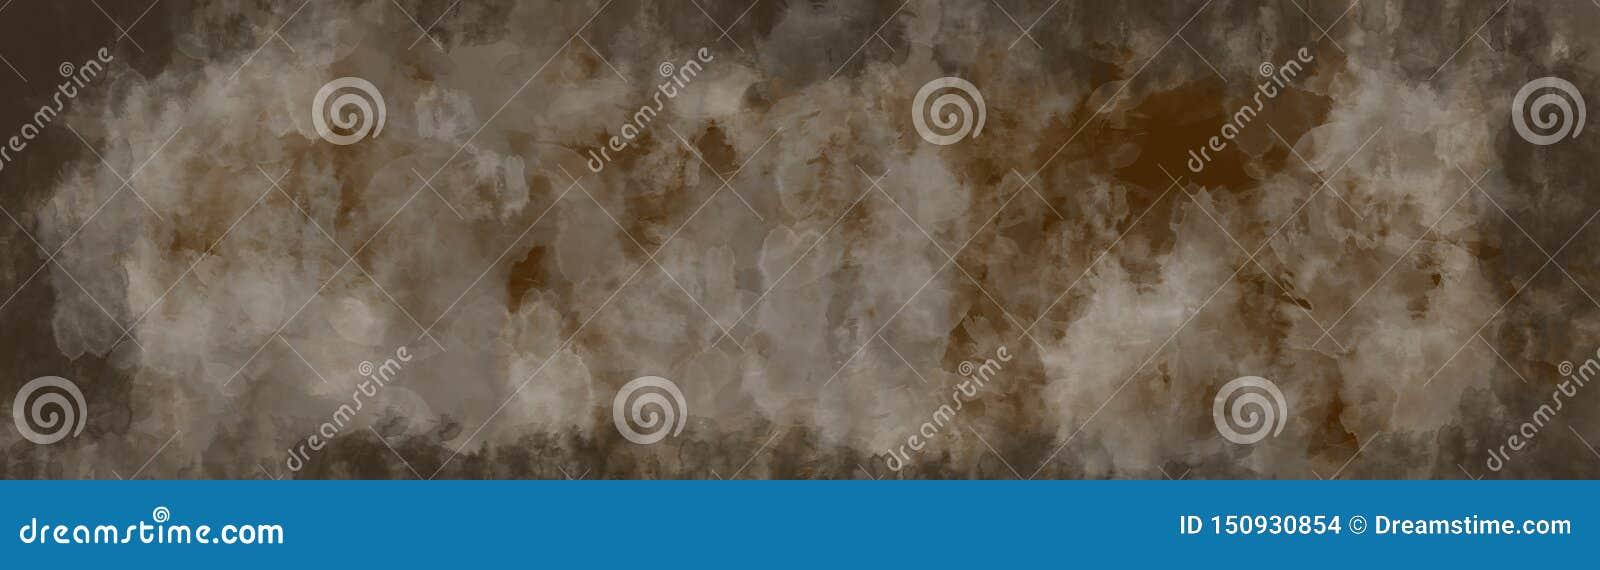 Abstrakcjonistyczny tło, rocznik tekstura z granicą